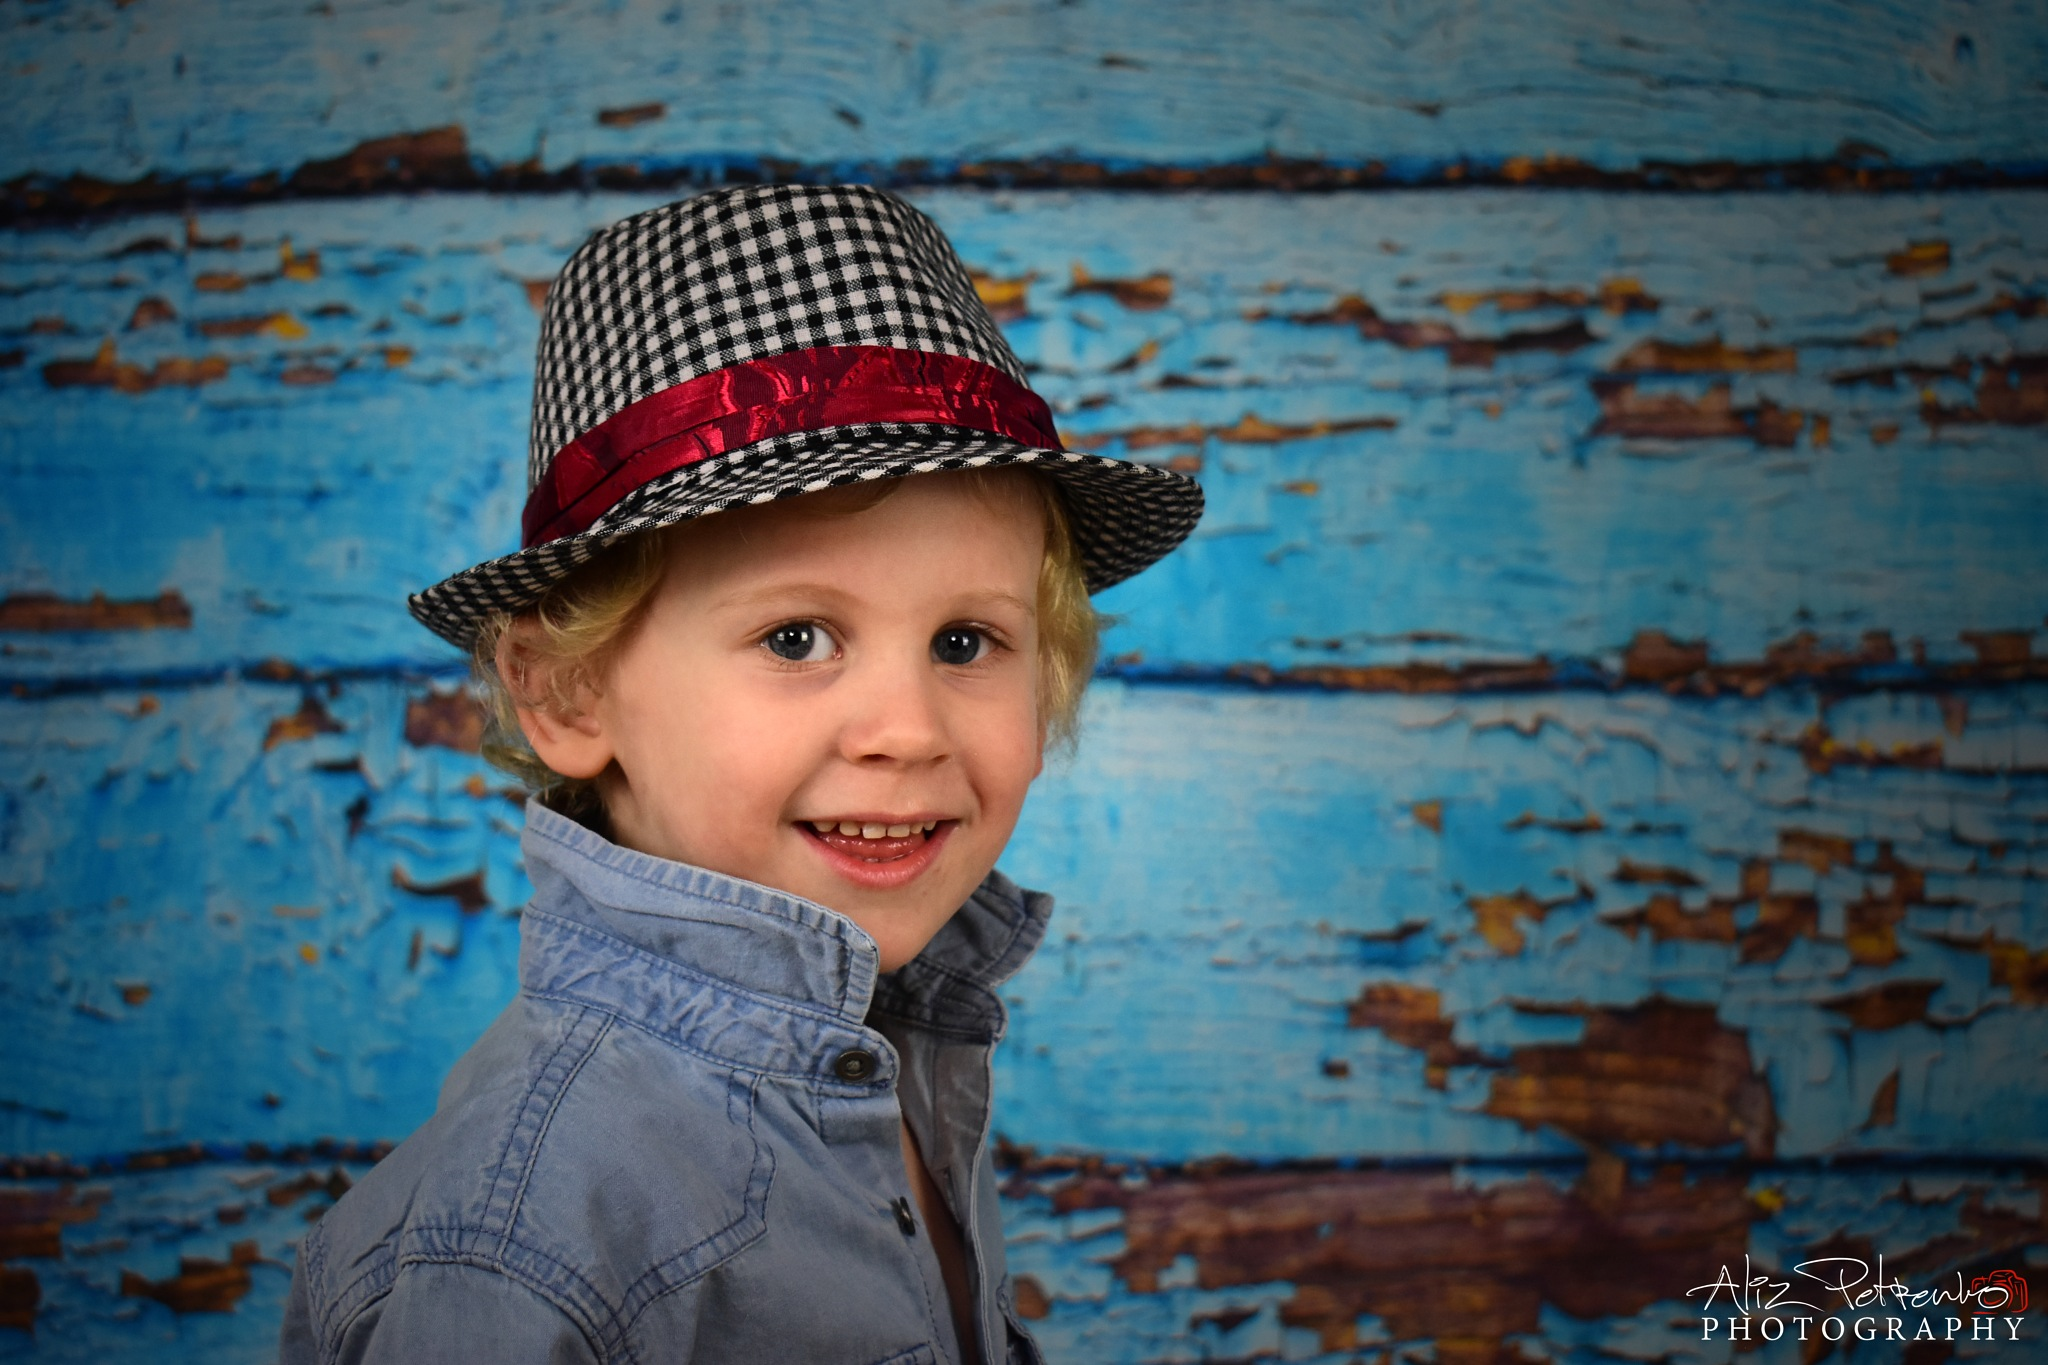 My little dude by Aliz Petrenkó